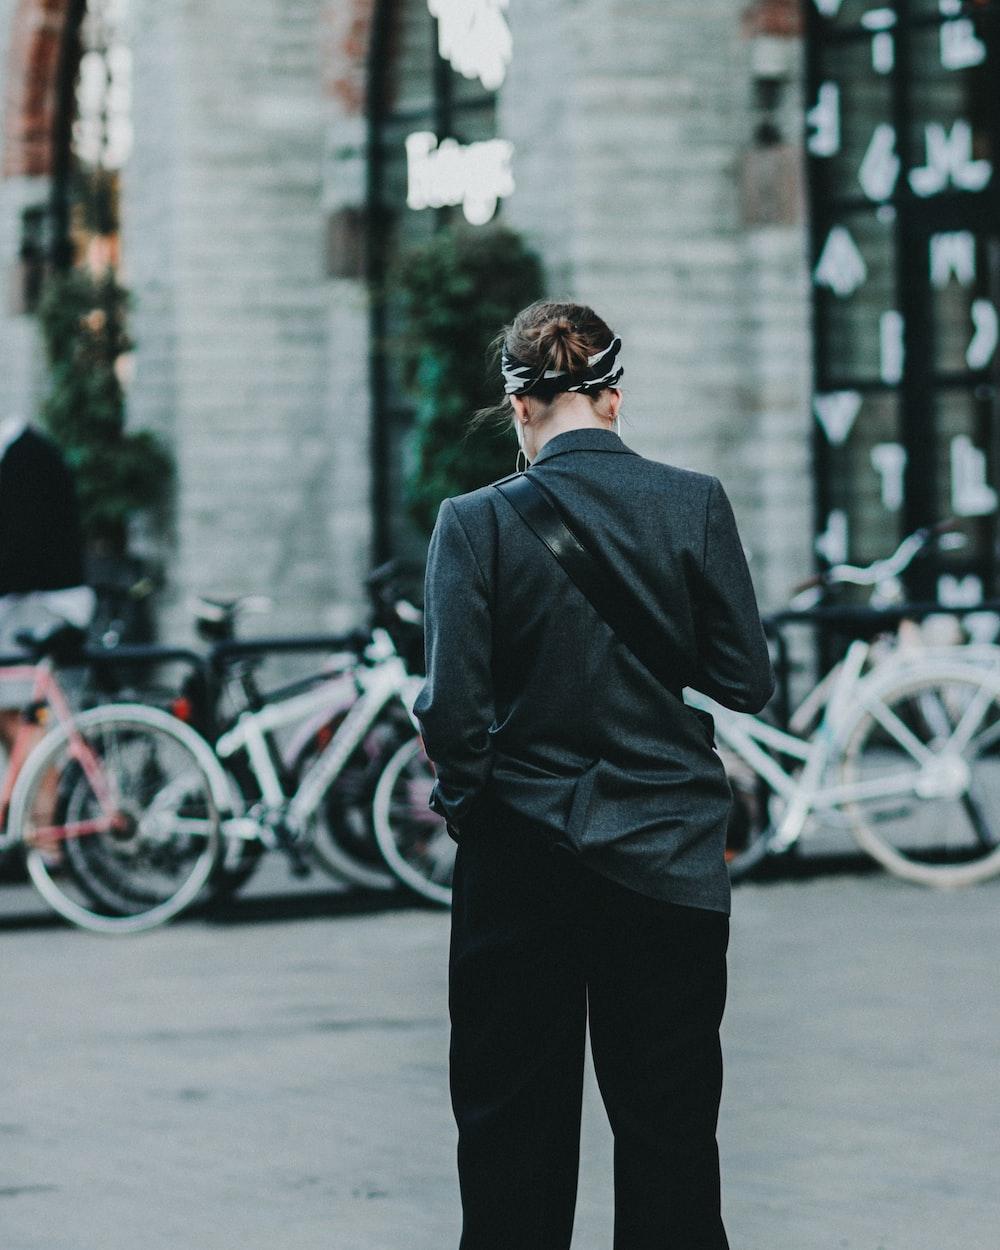 woman wearing black jacket walking on street